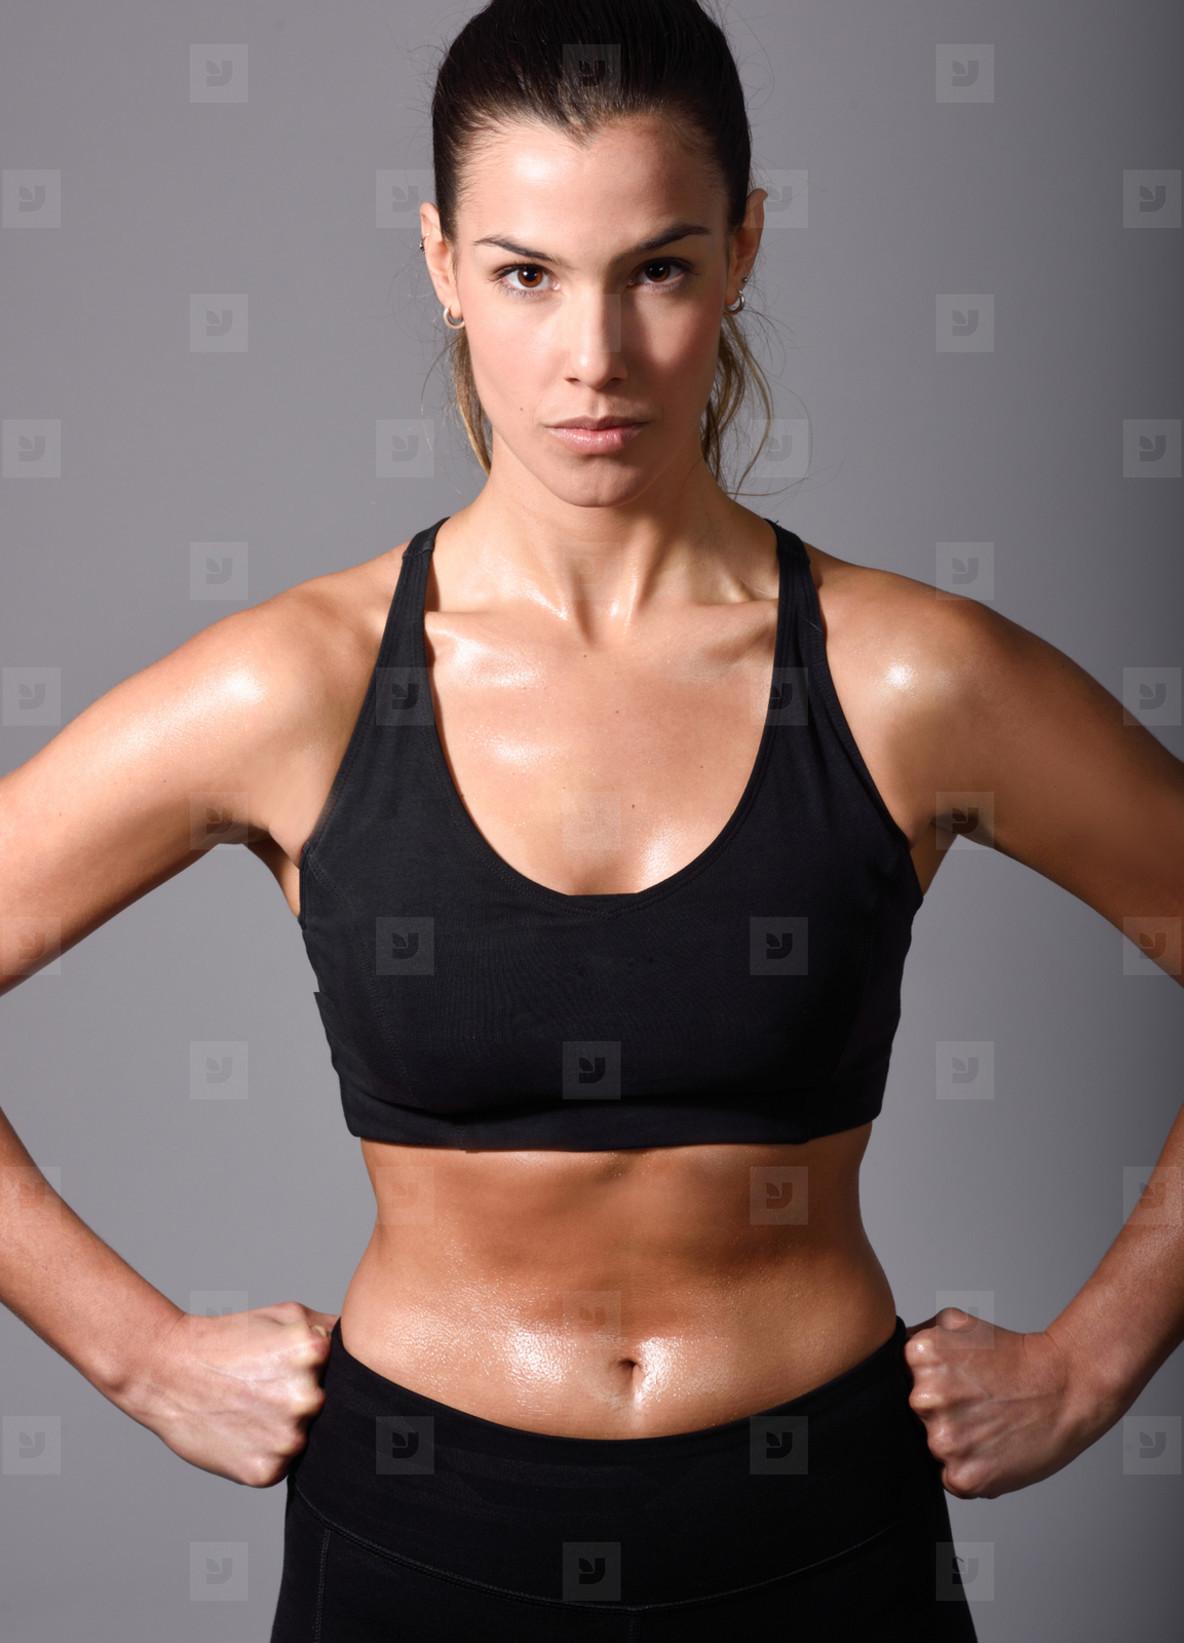 Woman  personal trainer  wearing black sportswear